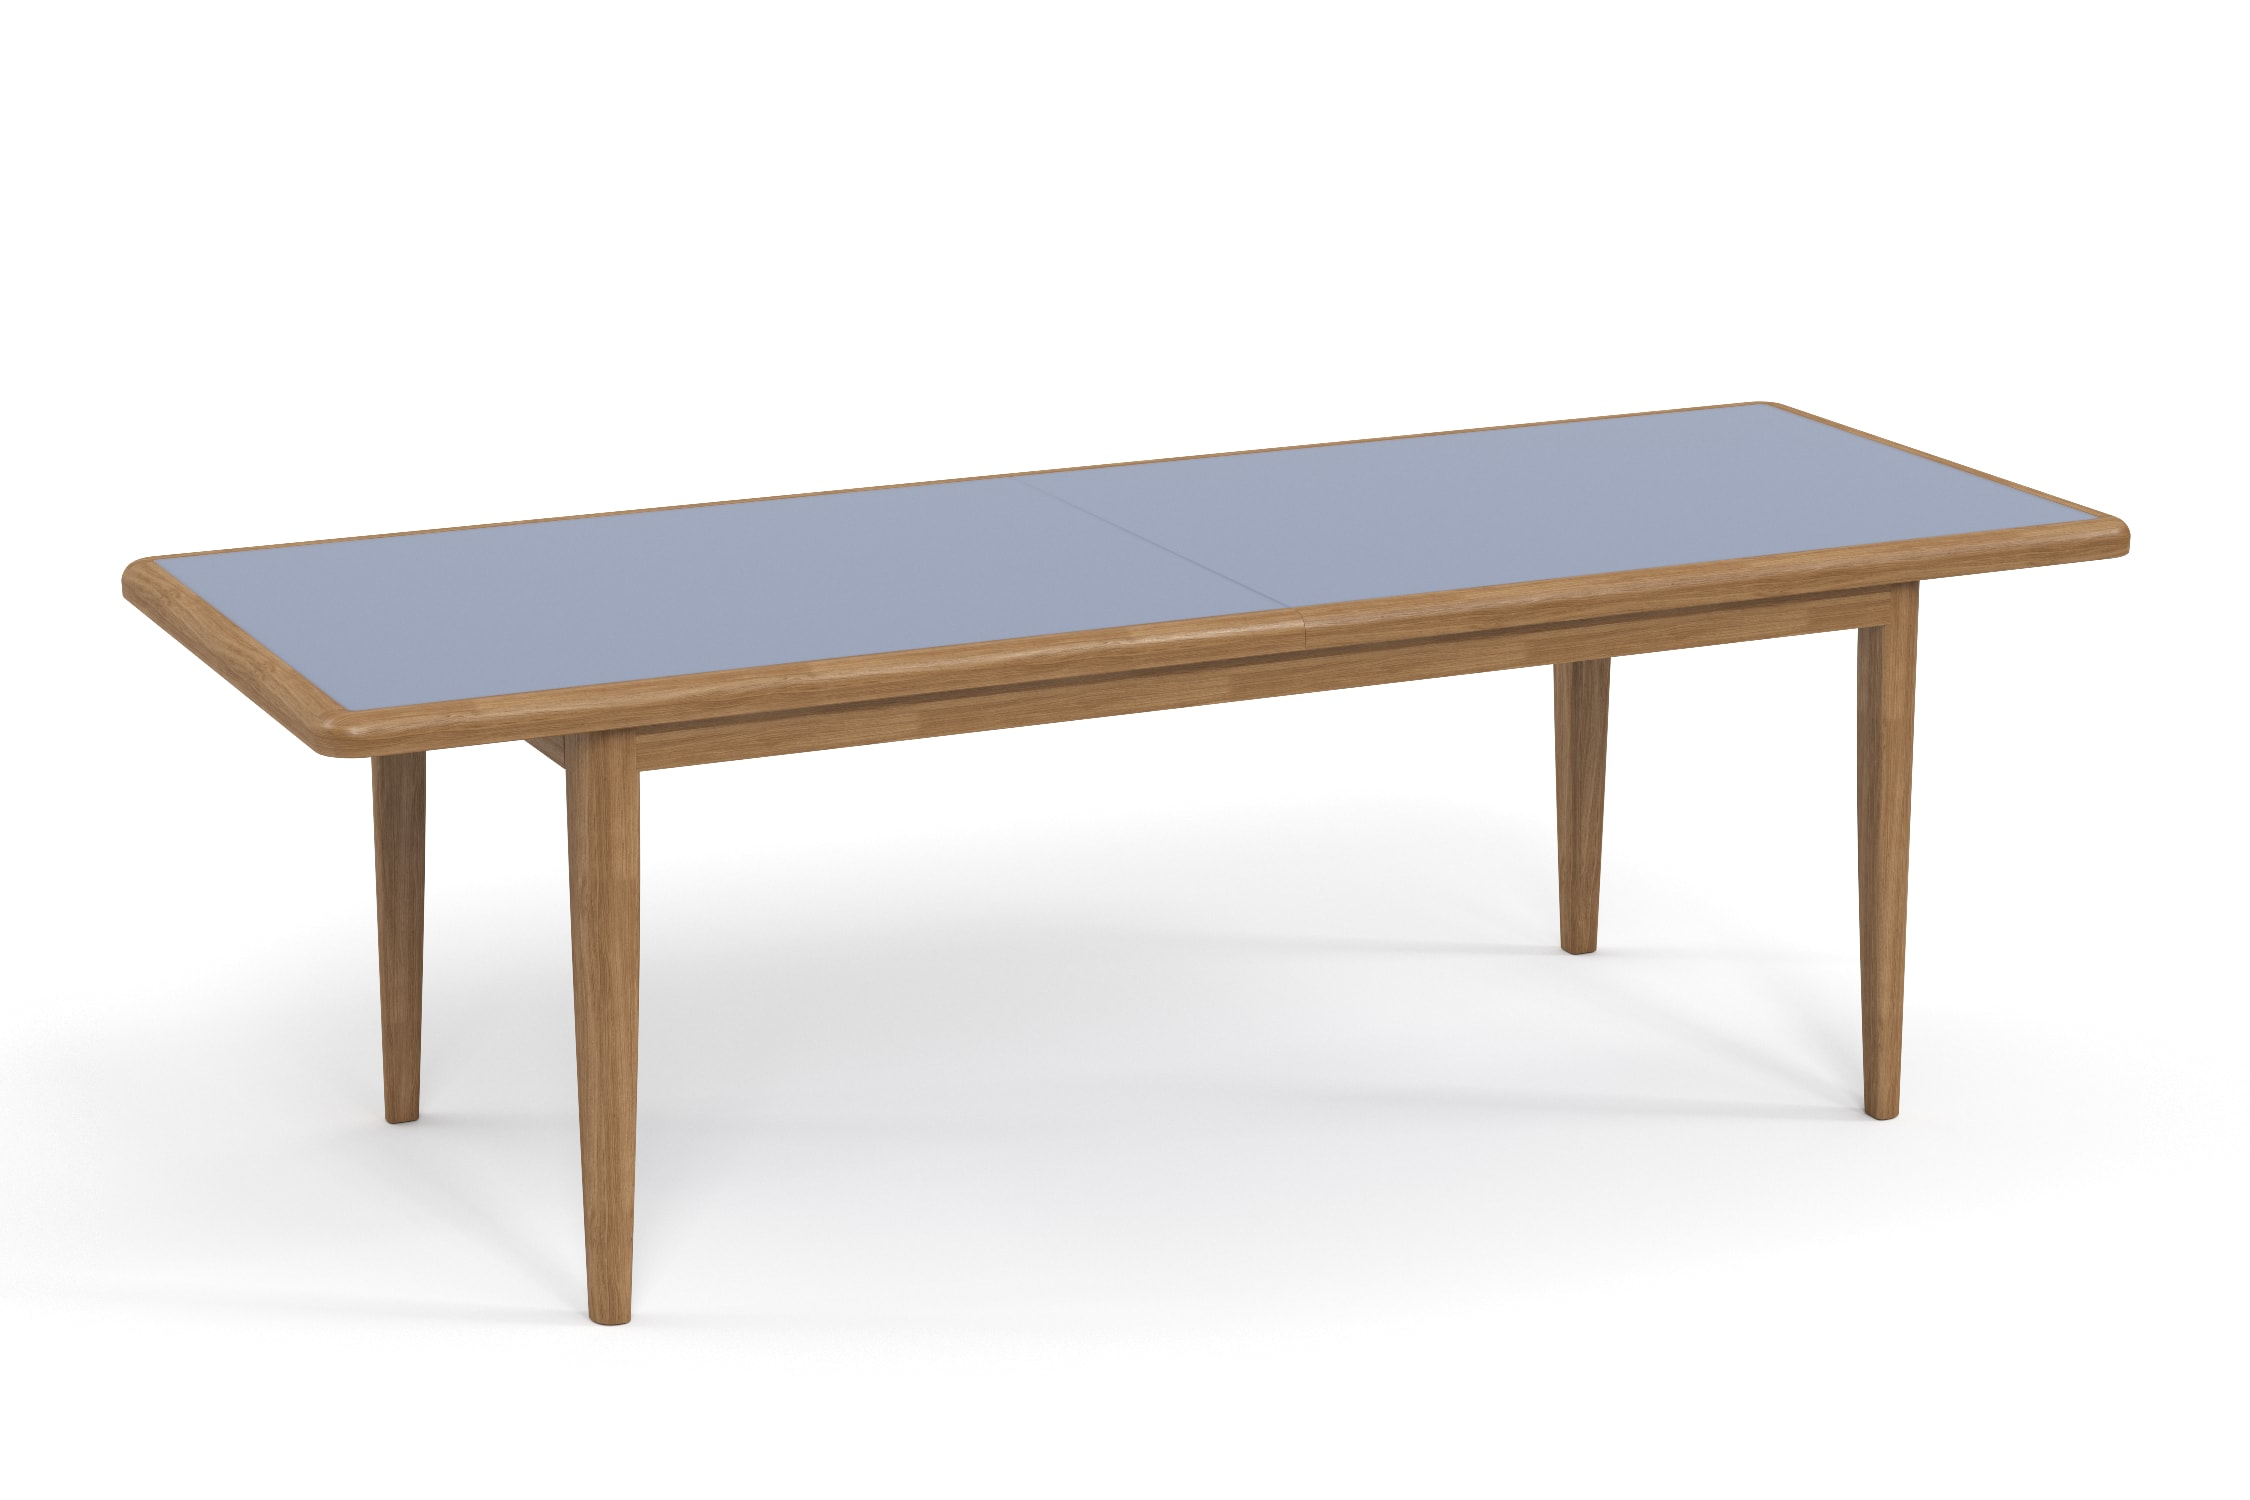 Стол обеденный SeagullСтолы и столики для сада<br>&amp;lt;div&amp;gt;Коллекция SEAGULL – воплощение природной простоты и естественного совершенства. Мебель привлекает тёплыми тонами, уникальностью материала и идеальными пропорциями. Стеклянные столешницы обеденных и журнальных столов по цвету гармонируют с тканью подушек, удобные диваны и «утопающие» кресла дарят ощущения спокойствия и комфорта.&amp;lt;/div&amp;gt;&amp;lt;div&amp;gt;&amp;lt;br&amp;gt;&amp;lt;/div&amp;gt;&amp;lt;div&amp;gt;Тик – прочная и твердая древесина, относится к ценным породам. Имеет темно-золотистый цвет и сохраняет его на протяжении очень длительного срока. Со временем приобретает благородный темно-серый или темно-коричневый цвет. Благодаря высокому содержанию природных масел, обладает высокой стойкостью против гниения, кислот и щелочей, не вызывает коррозию металлов. Тик содержит кислоты кремния и танина, придающие материалу стойкость к воздействию вредных внешних факторов. Древесина тика не подвержена воздействию термитов, не требует дополнительной антибактериальной обработки. Мебель из тика допускает круглогодичную эксплуатацию на открытом воздухе, выдерживает перепады температур от –30 до +30С. Срок службы более 25 лет.&amp;lt;/div&amp;gt;&amp;lt;div&amp;gt;&amp;lt;br&amp;gt;&amp;lt;/div&amp;gt;&amp;lt;div&amp;gt;Вся фурнитура изготовлена из нержавеющей стали на собственном производстве.&amp;lt;/div&amp;gt;&amp;lt;div&amp;gt;&amp;lt;br&amp;gt;&amp;lt;/div&amp;gt;<br><br>&amp;lt;iframe width=&amp;quot;530&amp;quot; height=&amp;quot;300&amp;quot; src=&amp;quot;https://www.youtube.com/embed/uL9Kujh07kc&amp;quot; frameborder=&amp;quot;0&amp;quot; allowfullscreen=&amp;quot;&amp;quot;&amp;gt;&amp;lt;/iframe&amp;gt;<br><br>Material: Тик<br>Ширина см: 90.0<br>Высота см: 77.0<br>Глубина см: 220.0